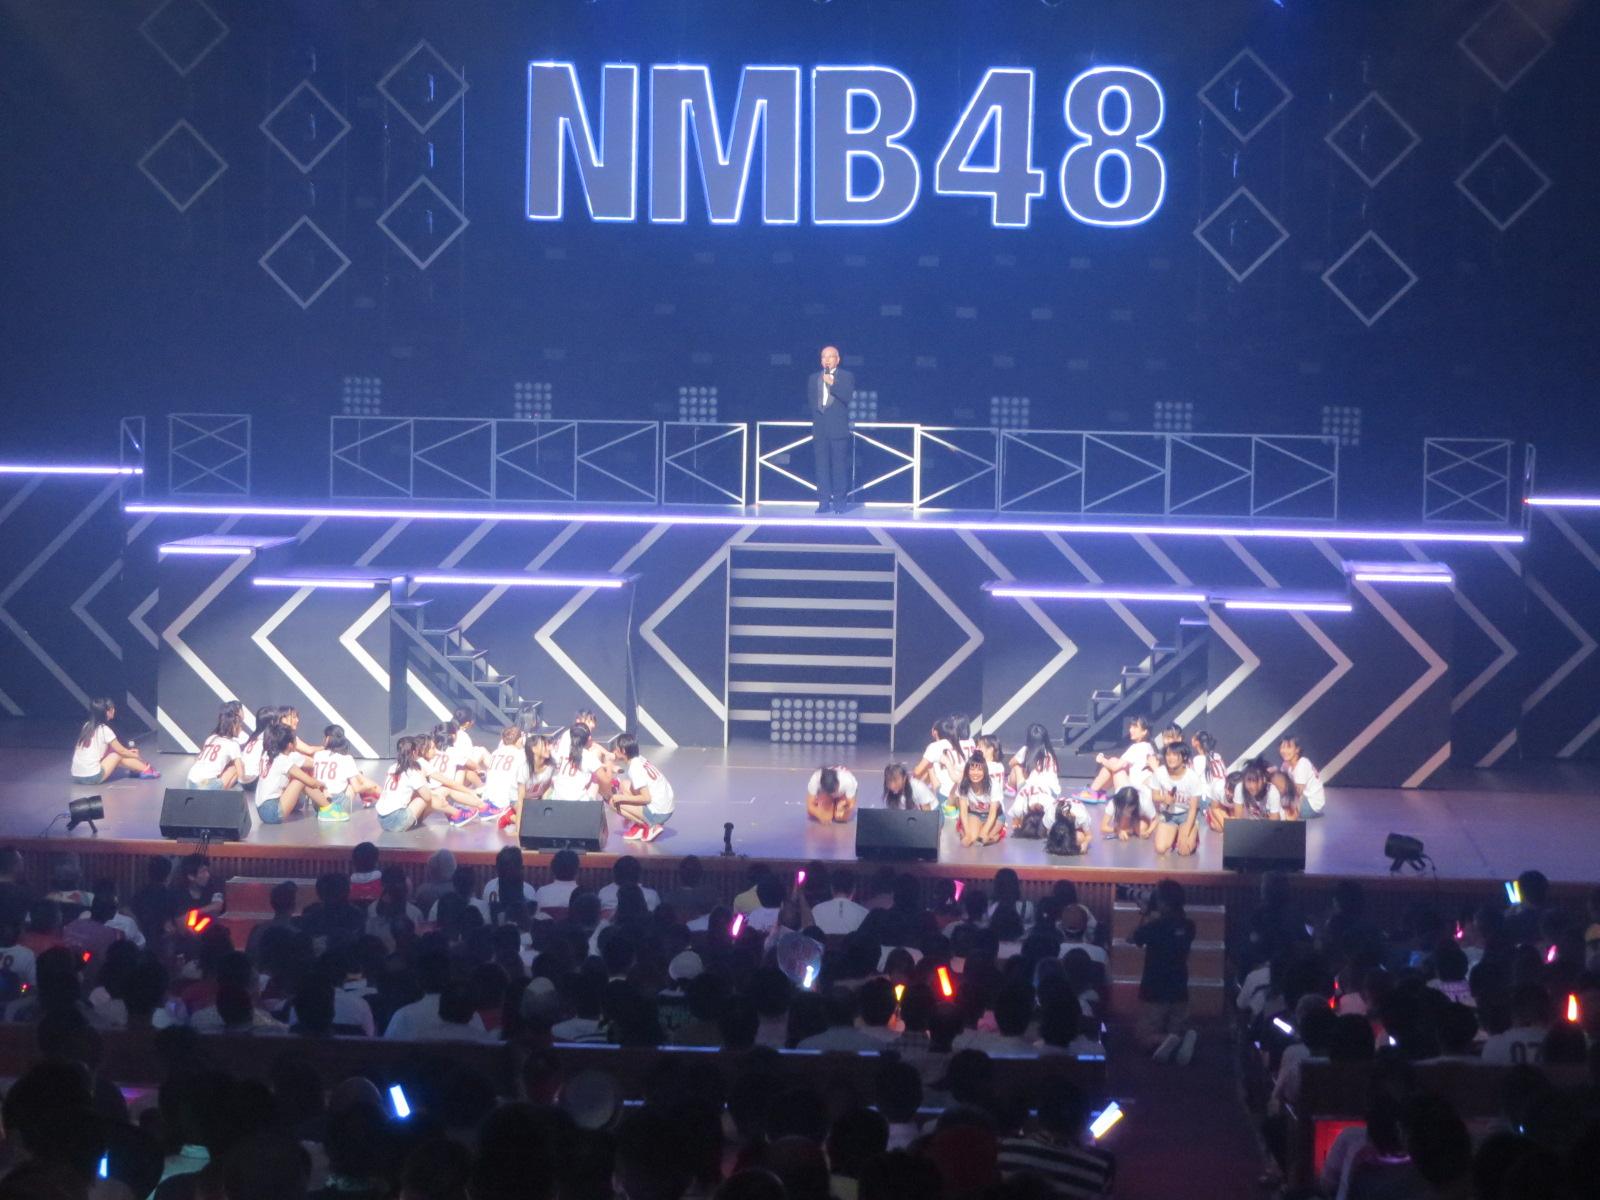 """Résultat de recherche d'images pour """"nmb48 live"""""""